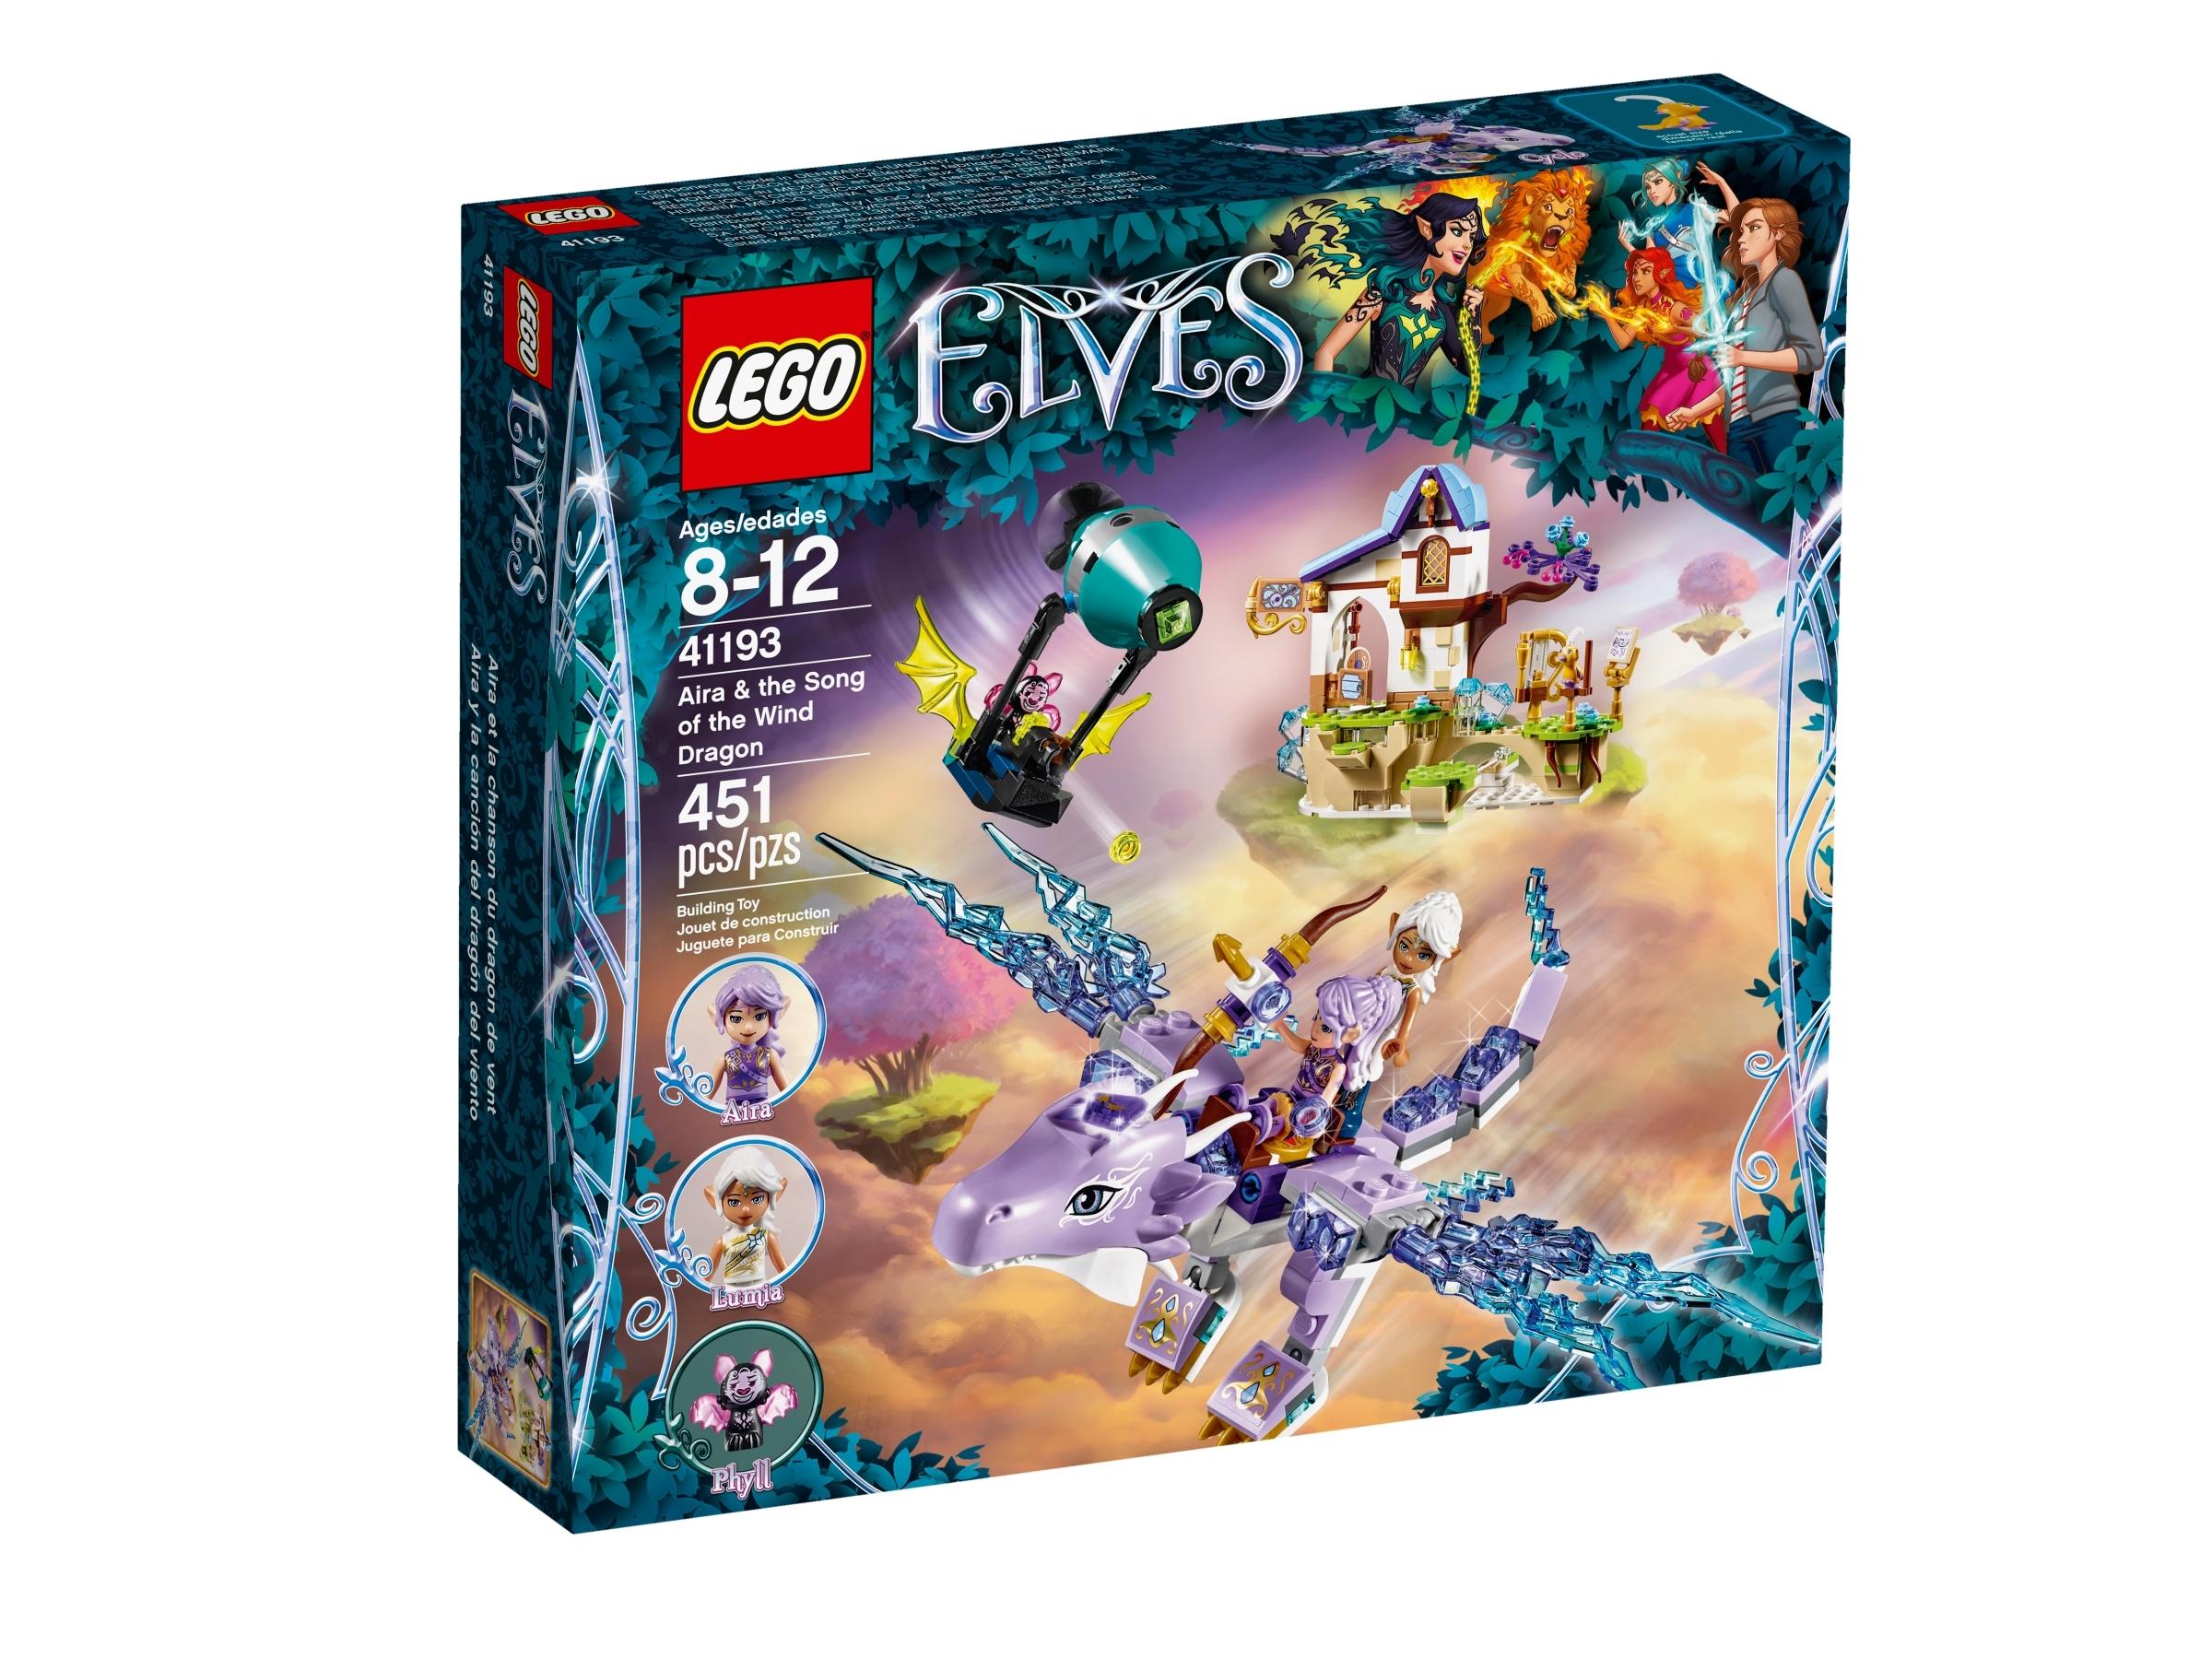 LEGO® ELVES 41193 Aira und das Lied des Winddrachen NEU /& OVP